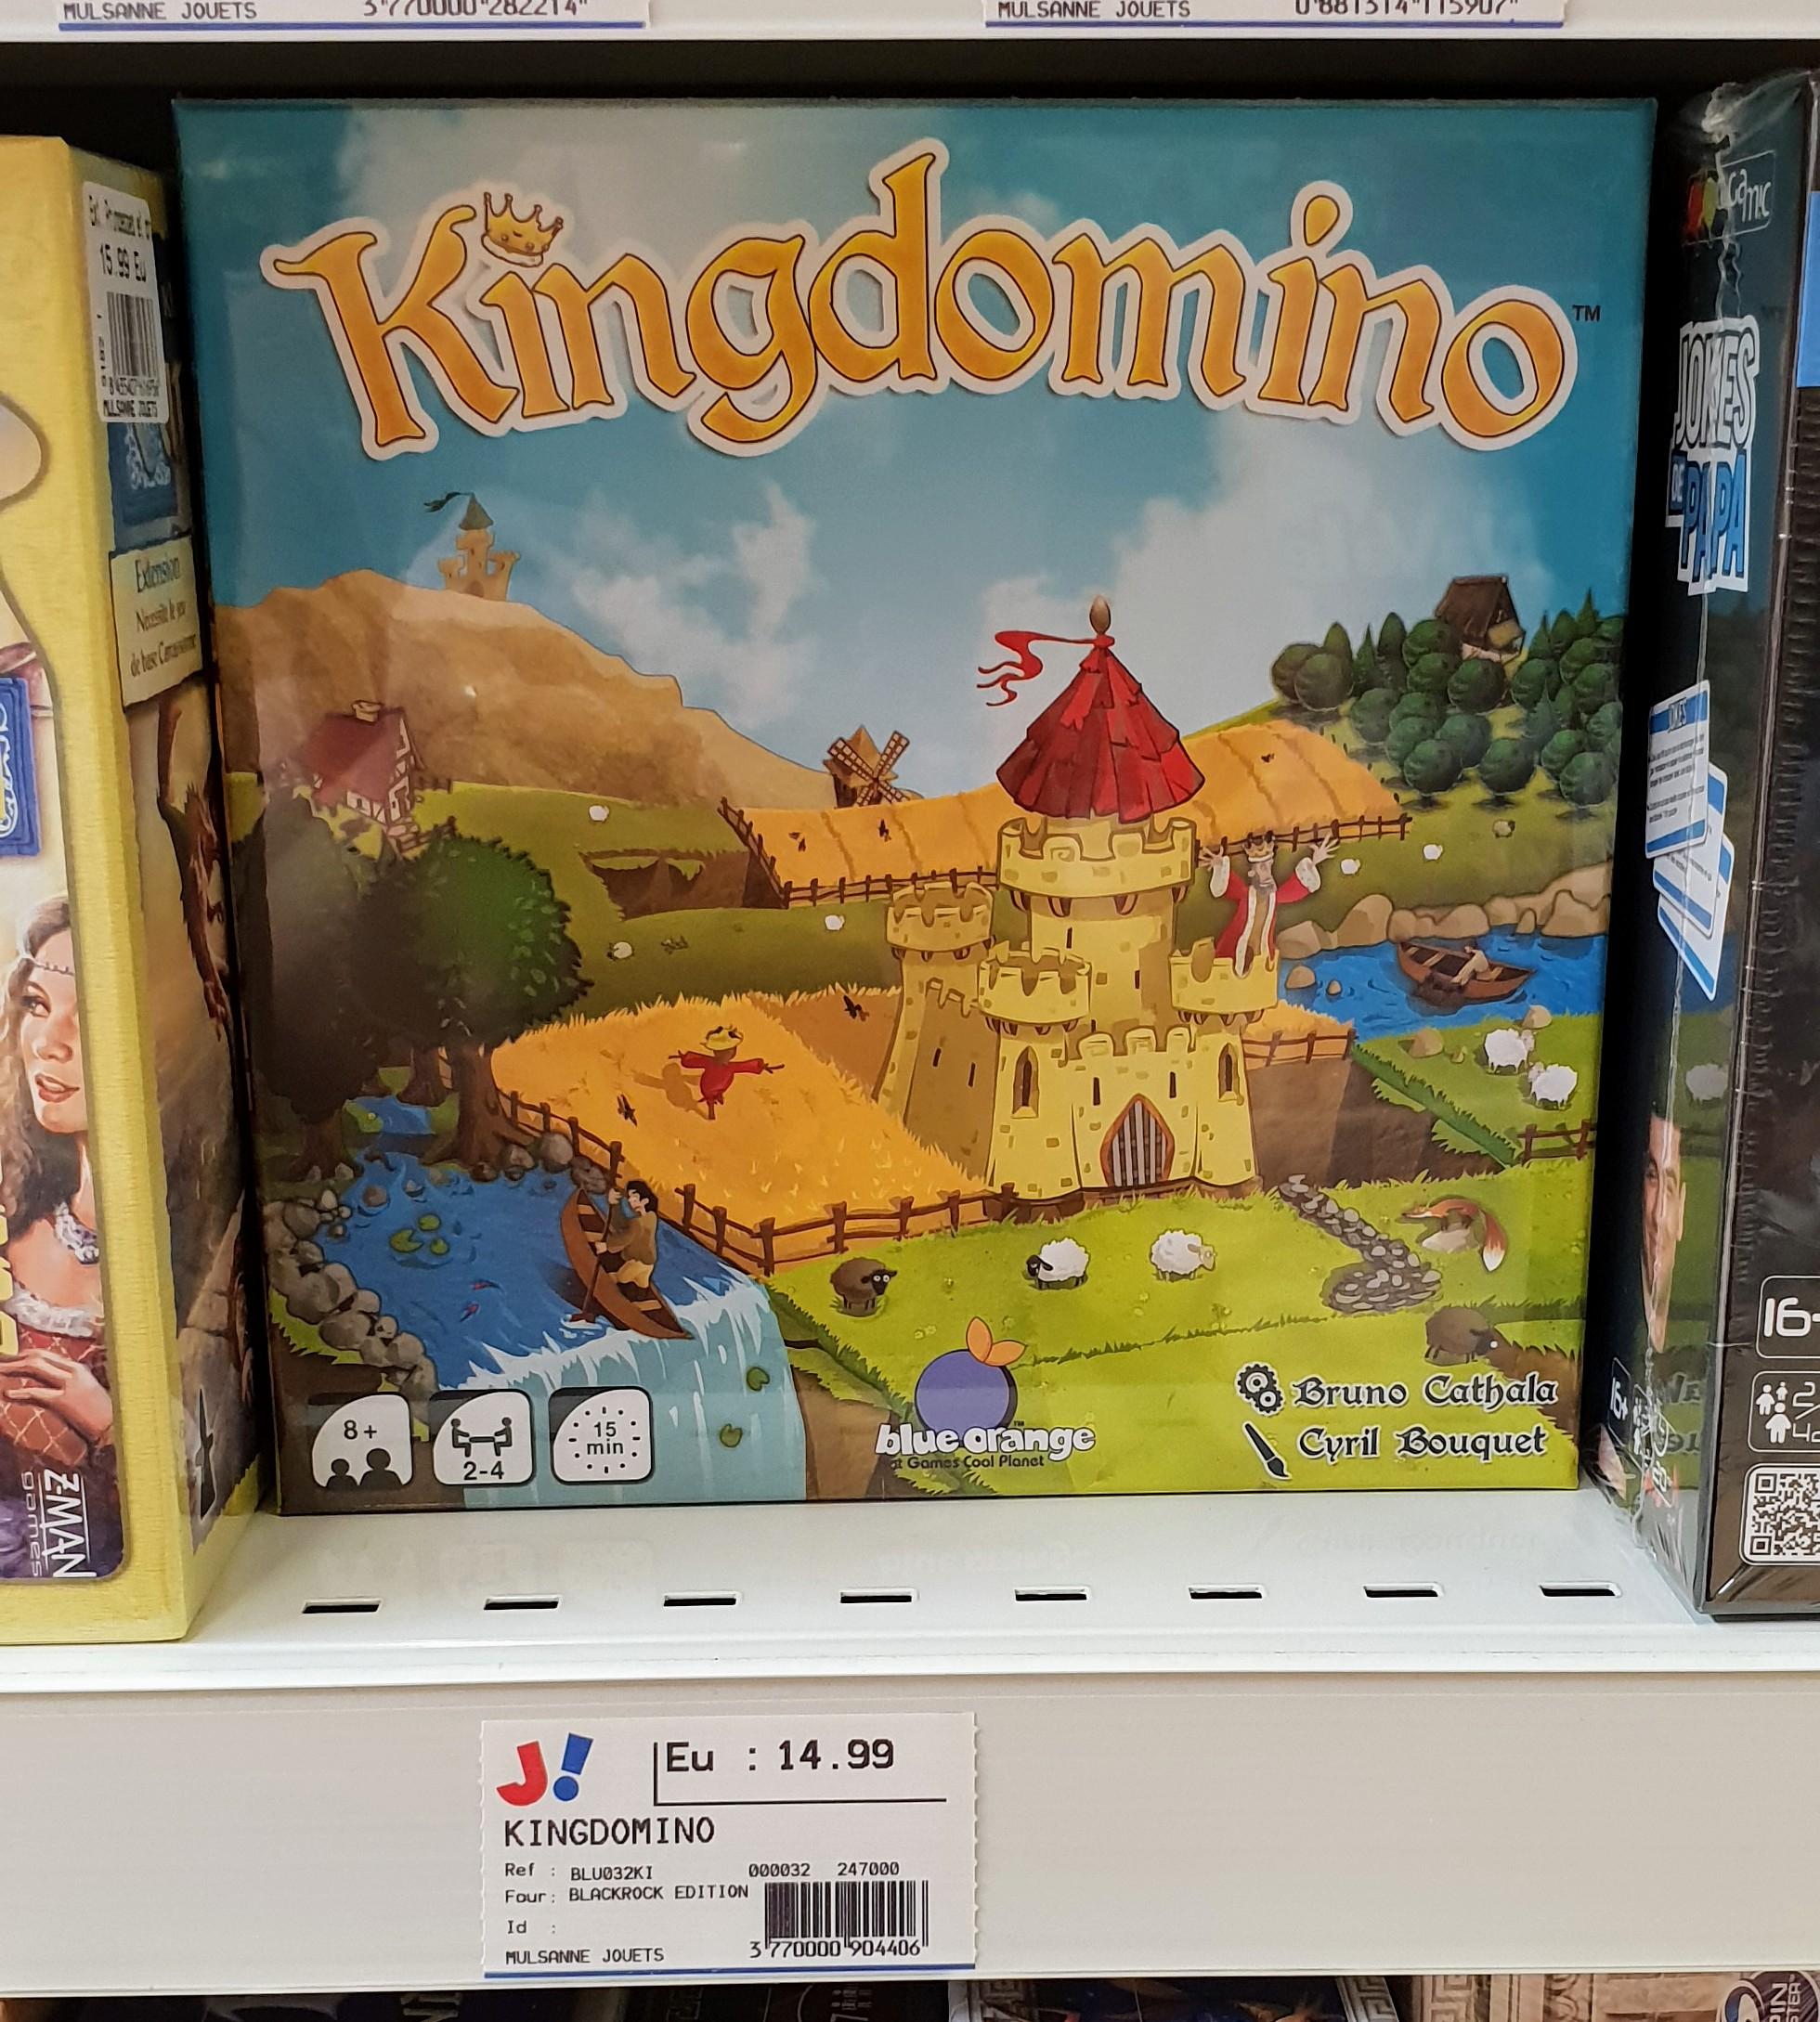 Kingdomino (Spiel des Jahres 2017) - Mulsanne Le Mans (72)